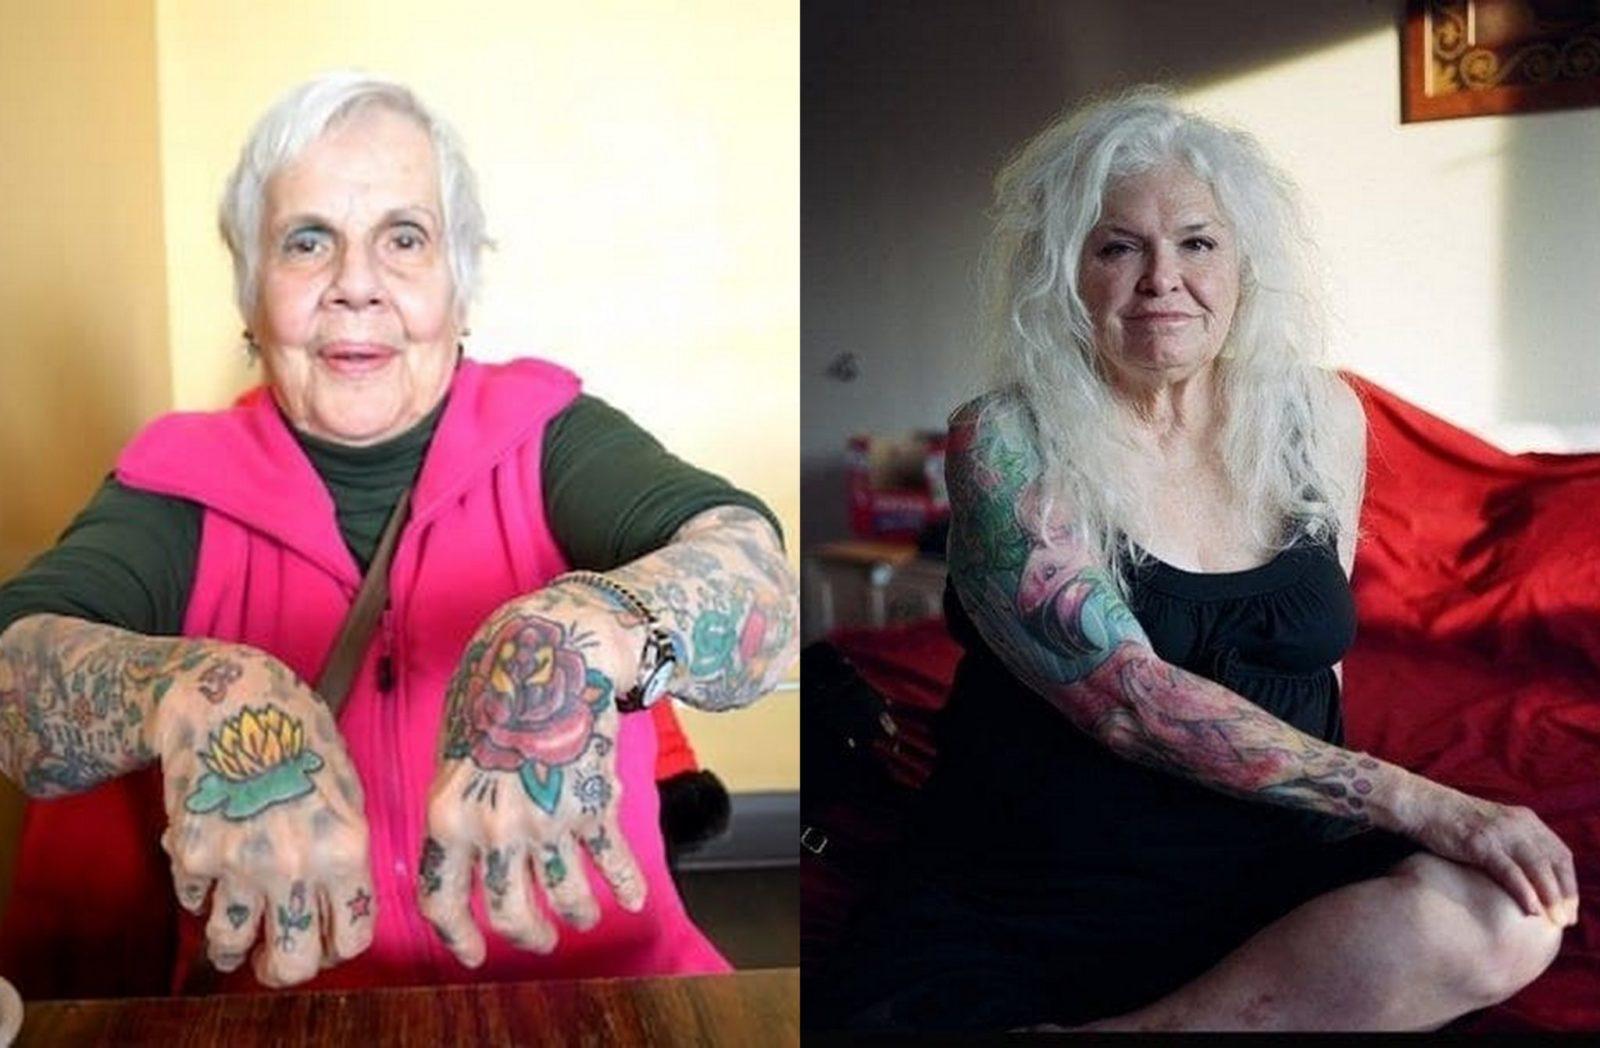 Starsza kobieta z wytatuowanymi przedramionami i dłońmi i Starsza kobieta z blond włosami i wytatuowaną prawą ręką